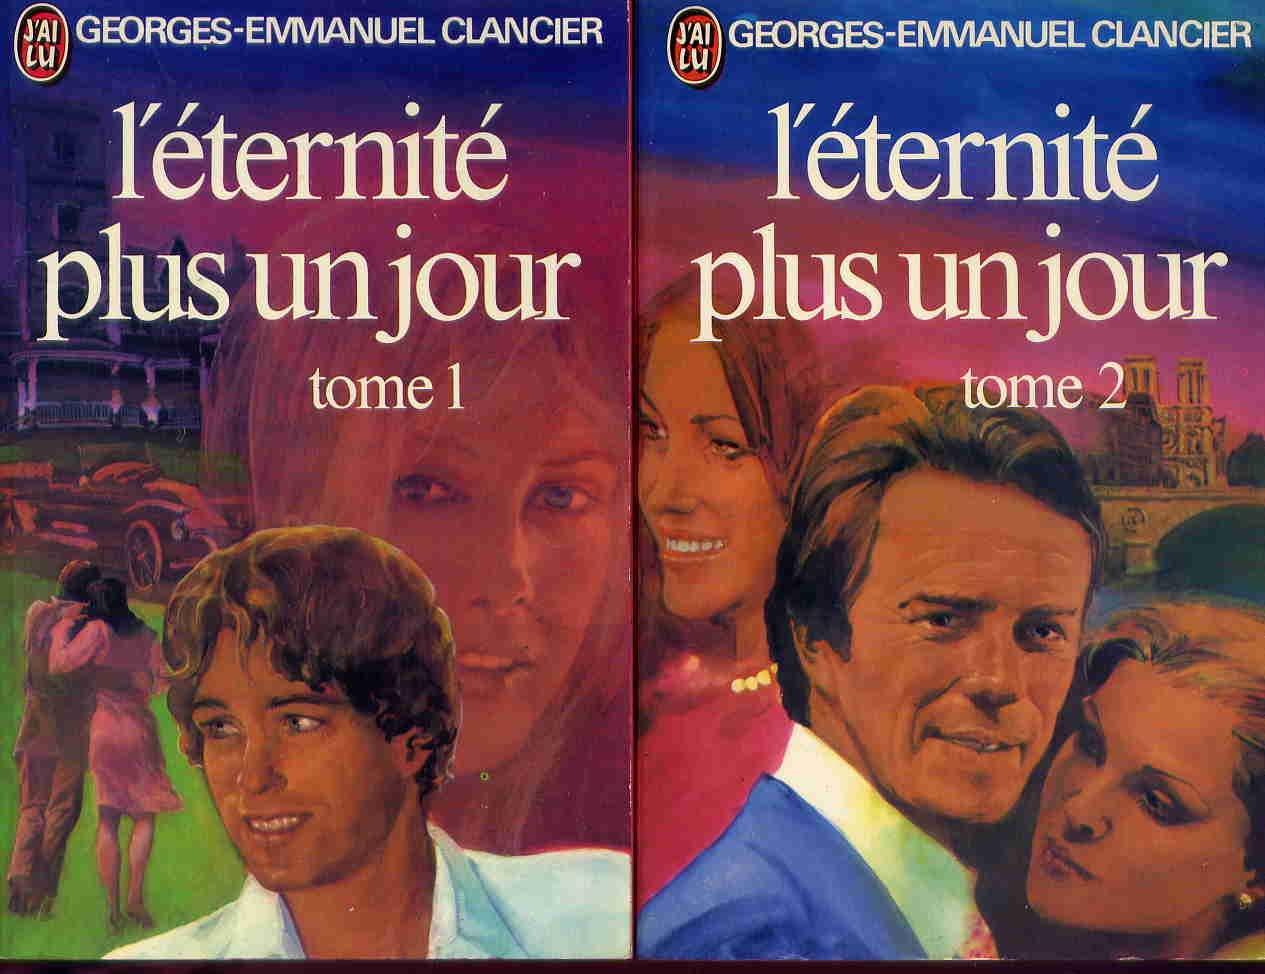 L'Eternité plus un jour ! Georges-Emmanuel Clancier 71zDgaLIdML